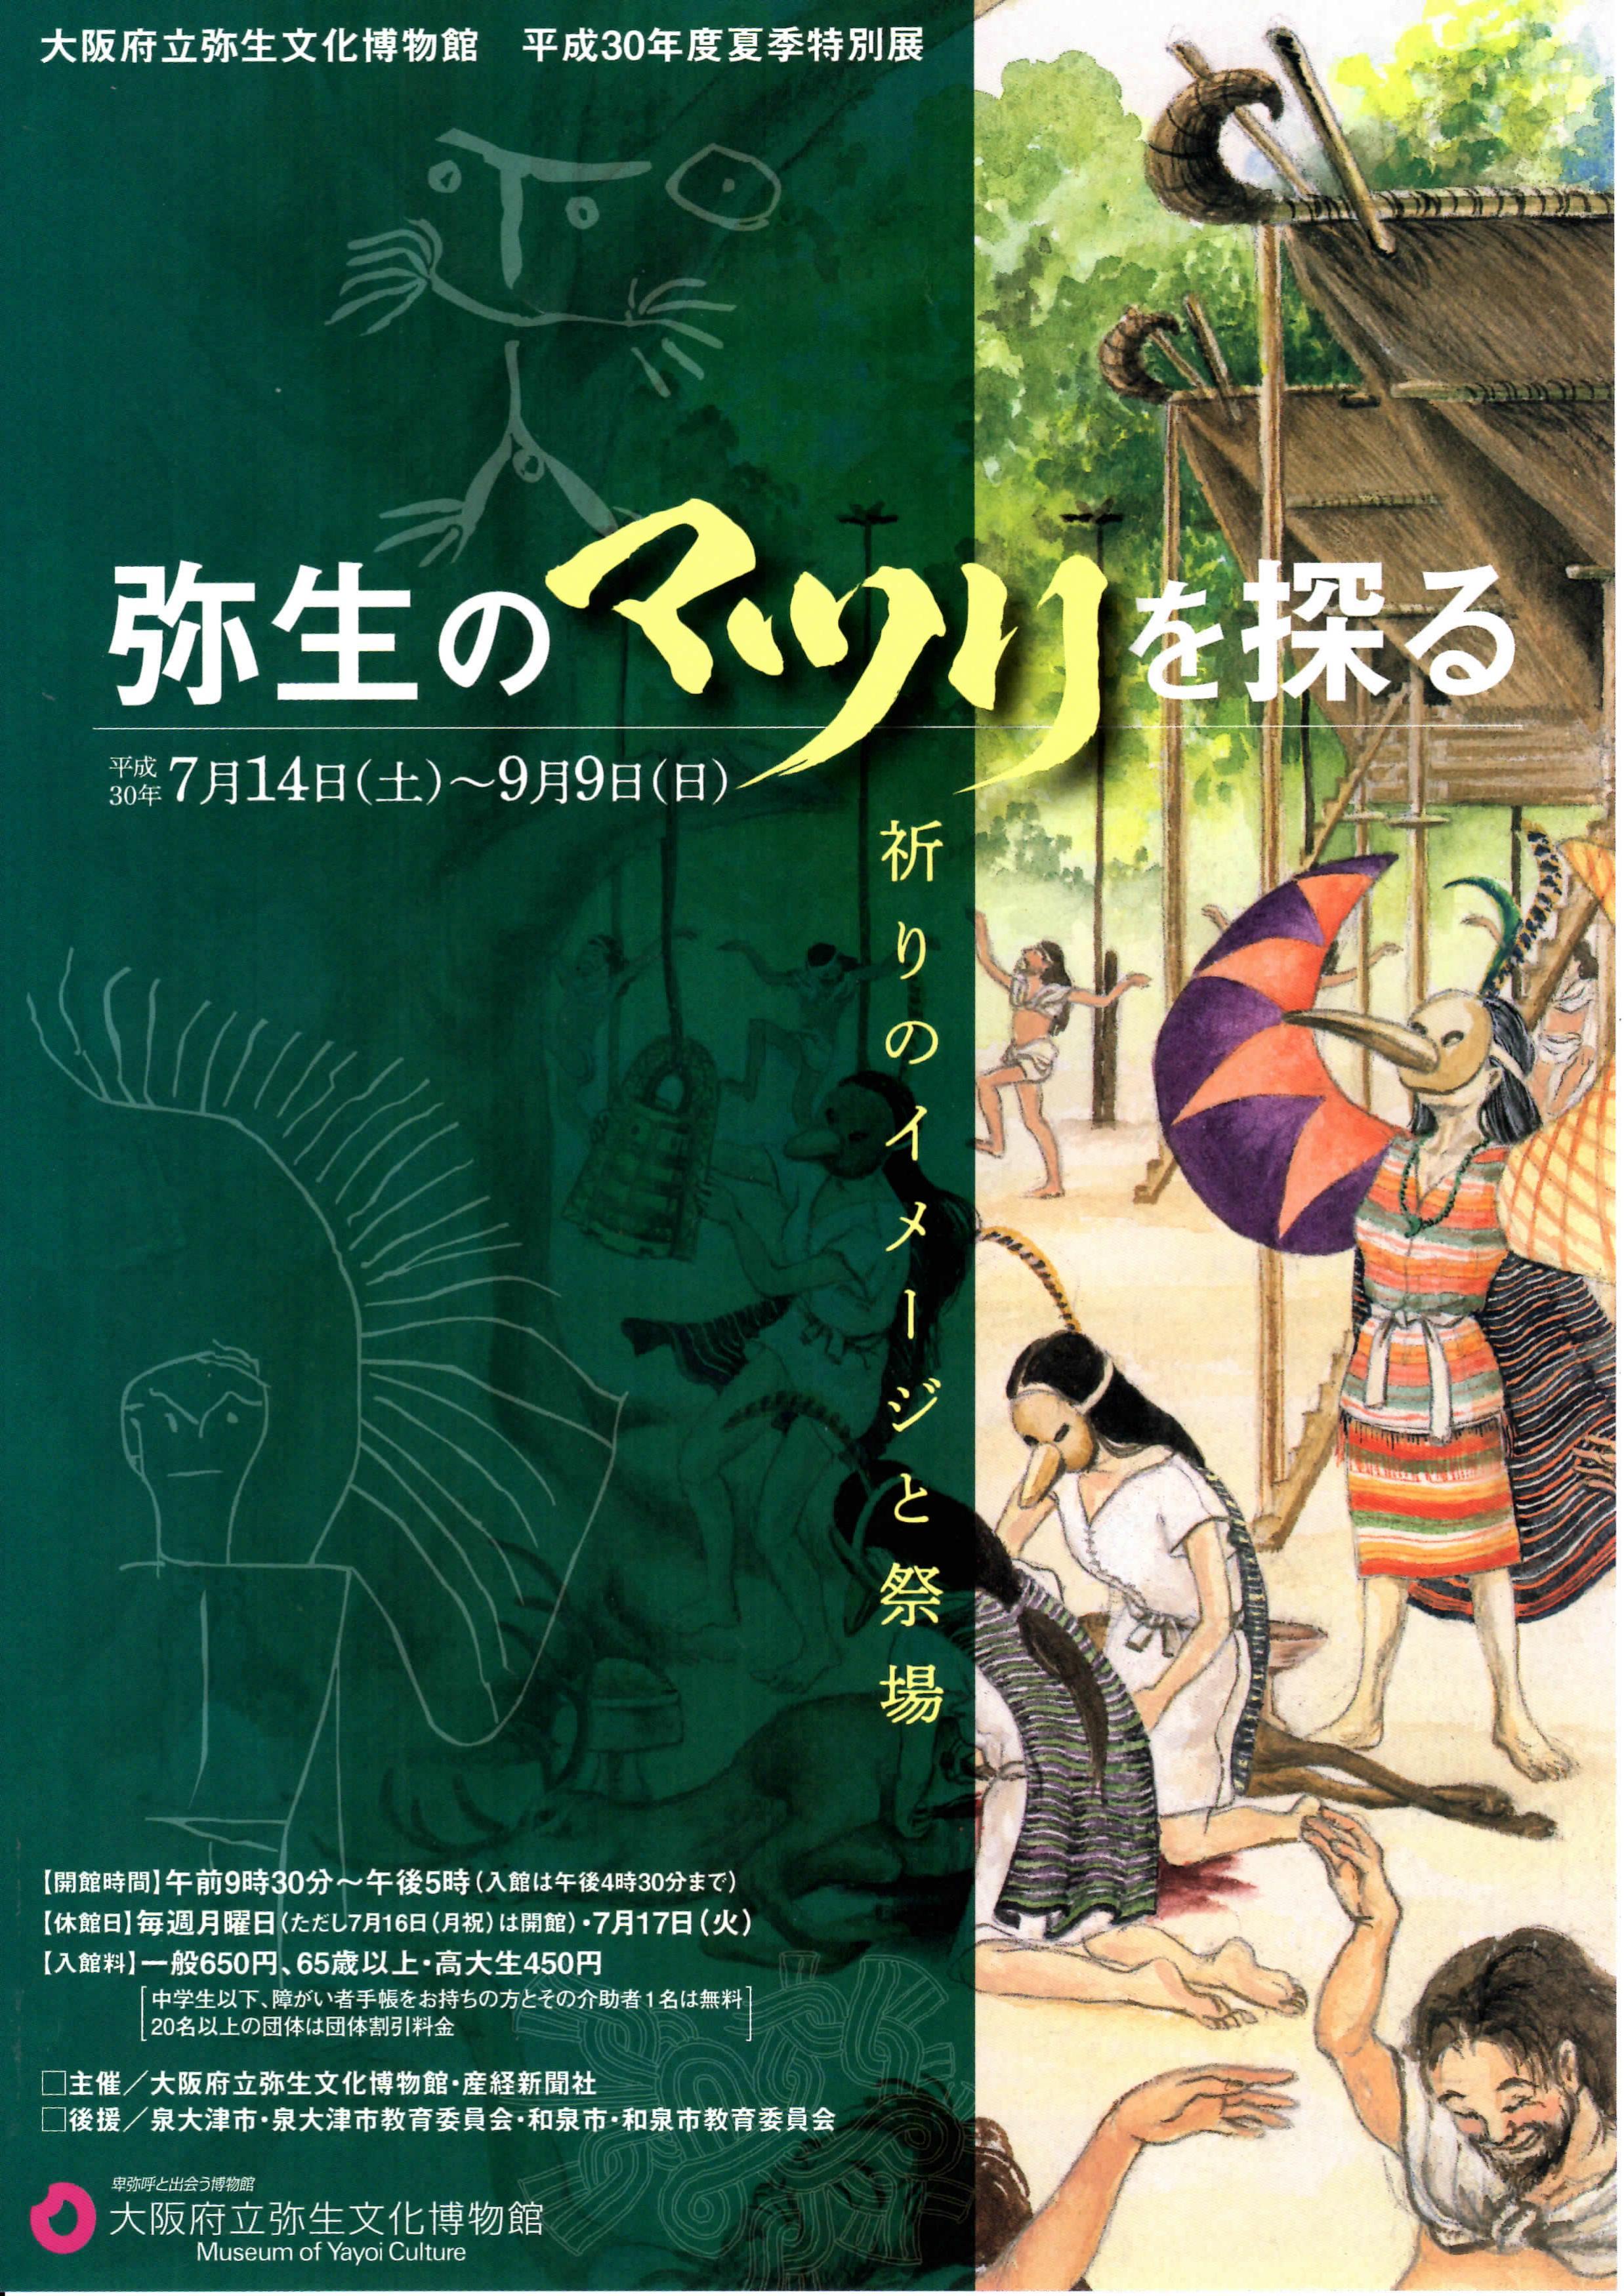 平成30年度夏季特別展 弥生のマツリを探る-祈りのイメージと祭場-大阪府立弥生文化博物館にて